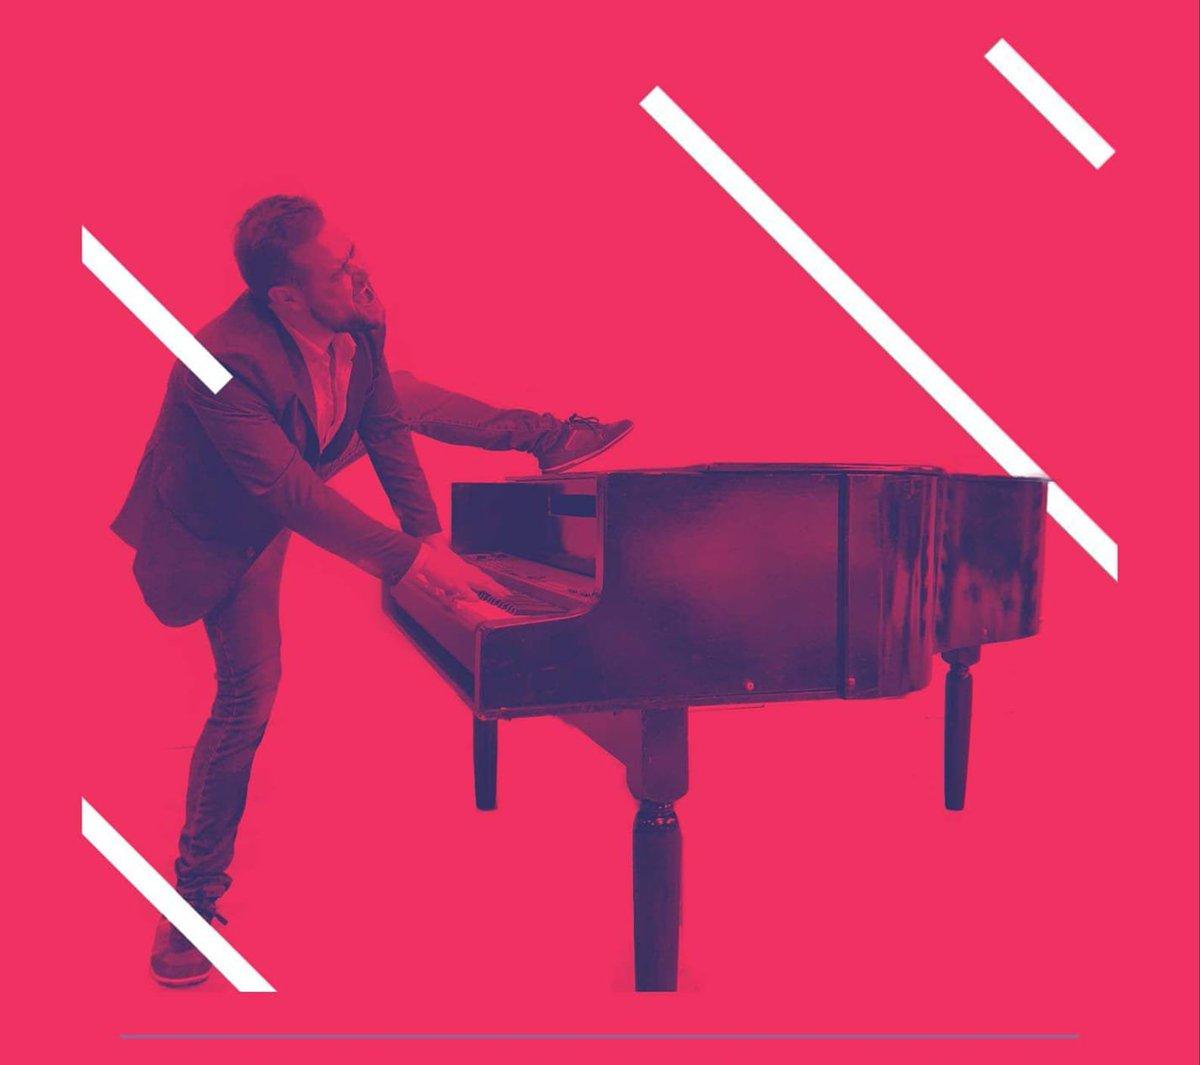 [ #FOIREDECAEN ]  Actuellement Julien Haston Michaux se produit sur l'esplanade du Hall 2 pour un concert piano jusqu'à 21h.  #FoiredeCaen #Concert #Piano #nocturne #soirée https://t.co/S6enxj2qDu